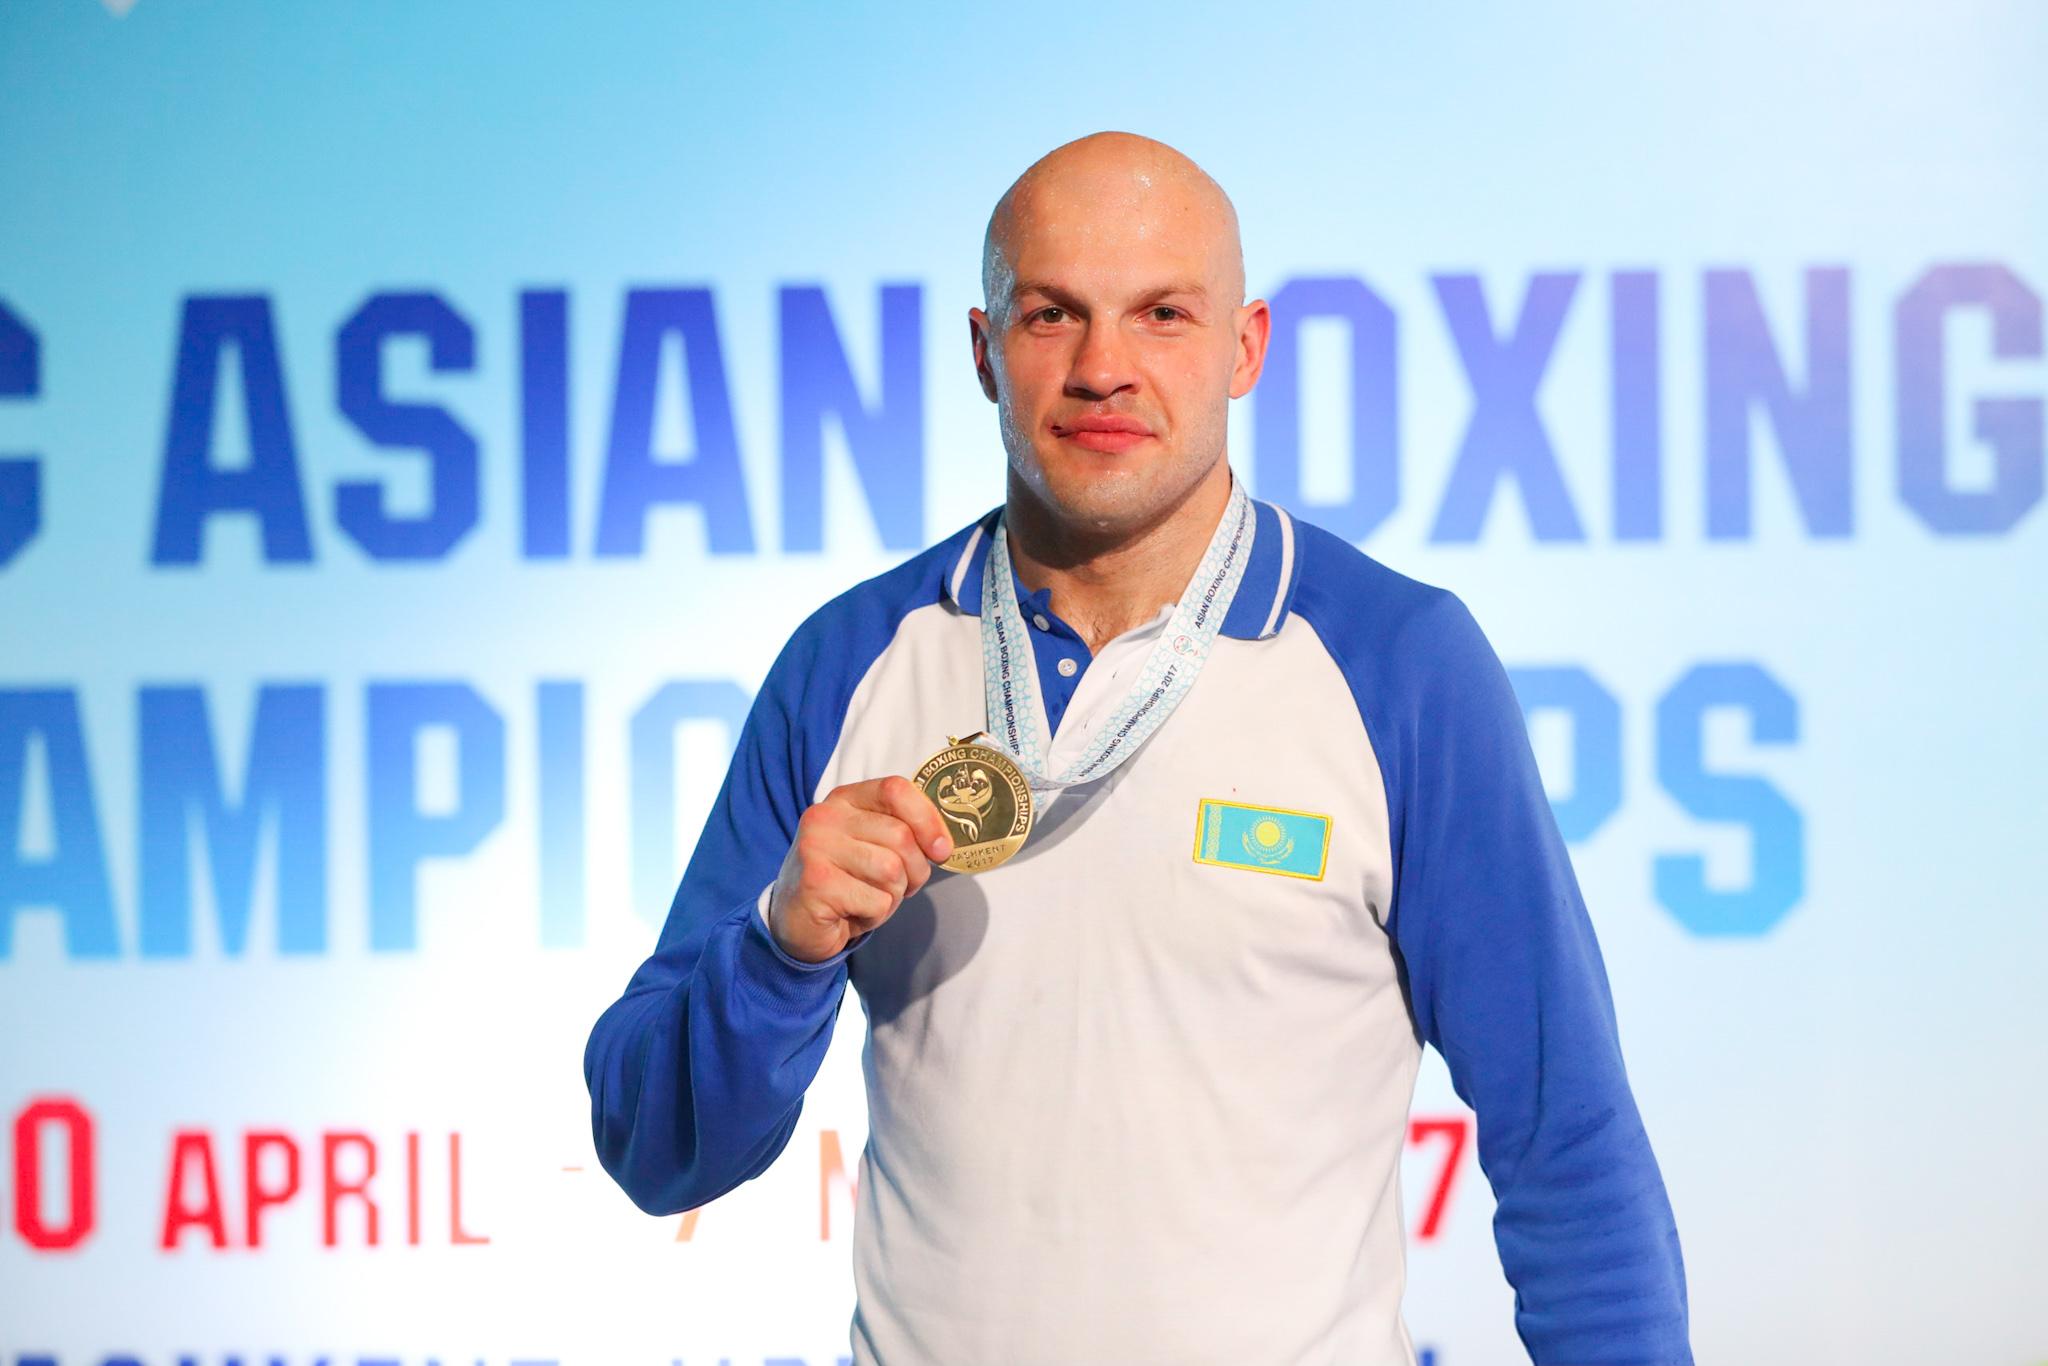 Василий Левит: «Для меня каждая медаль чемпионата Азии дорога по-своему»